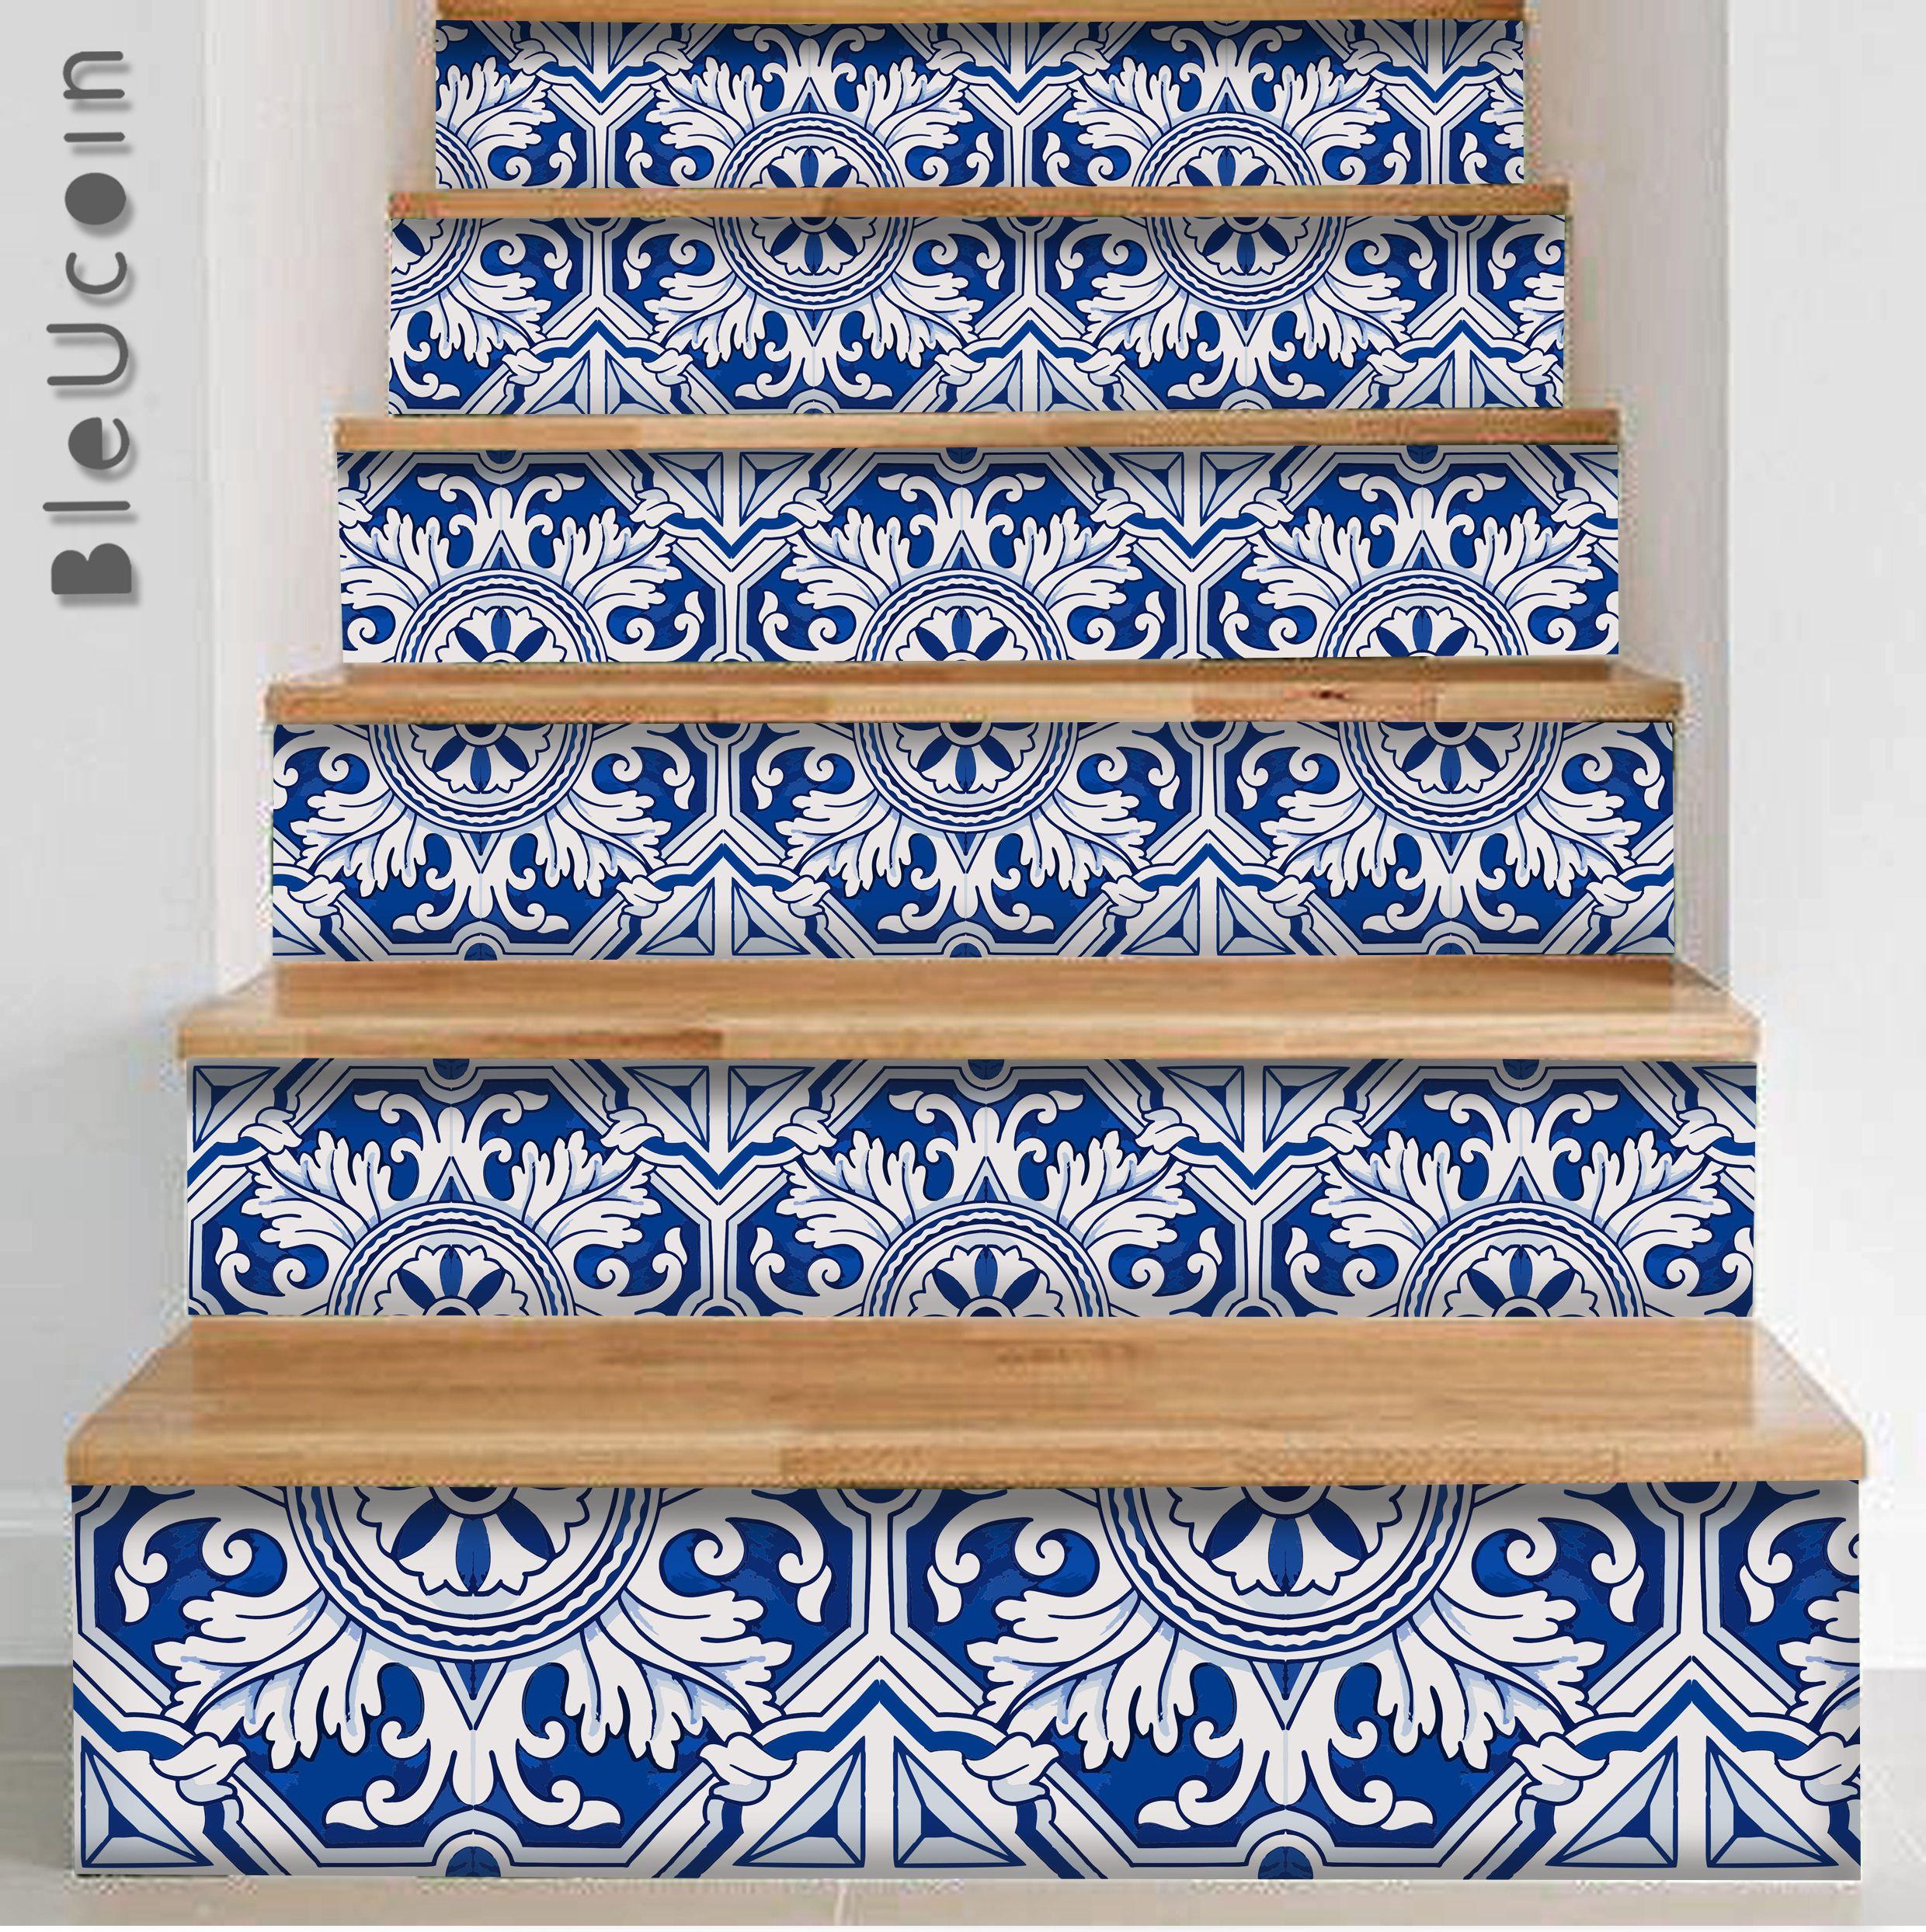 Pin by Bleucoin on stair riser decor Pinterest